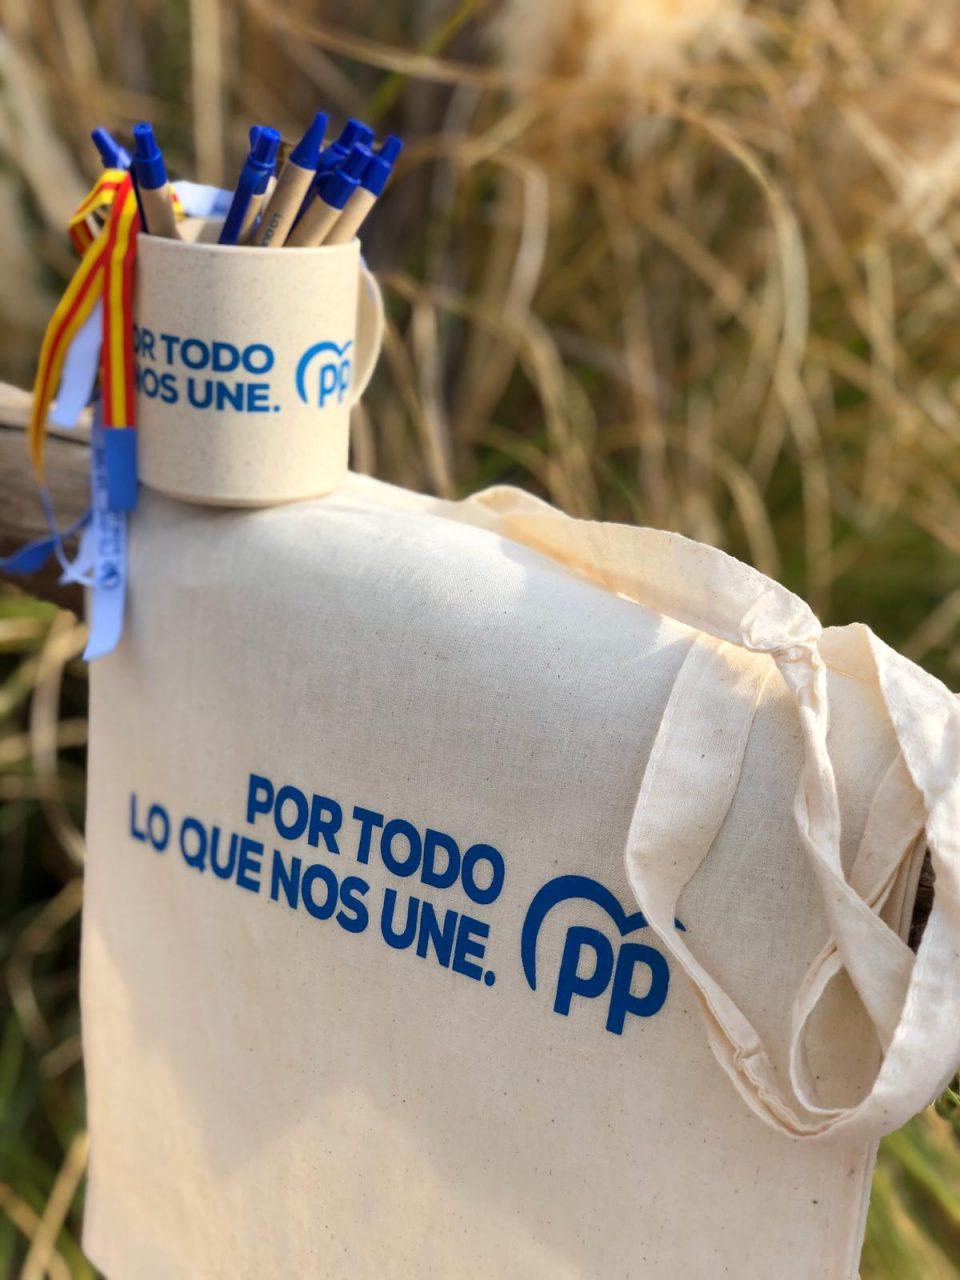 El PP utiliza 'merchandising' ecológico en la campaña electoral 6